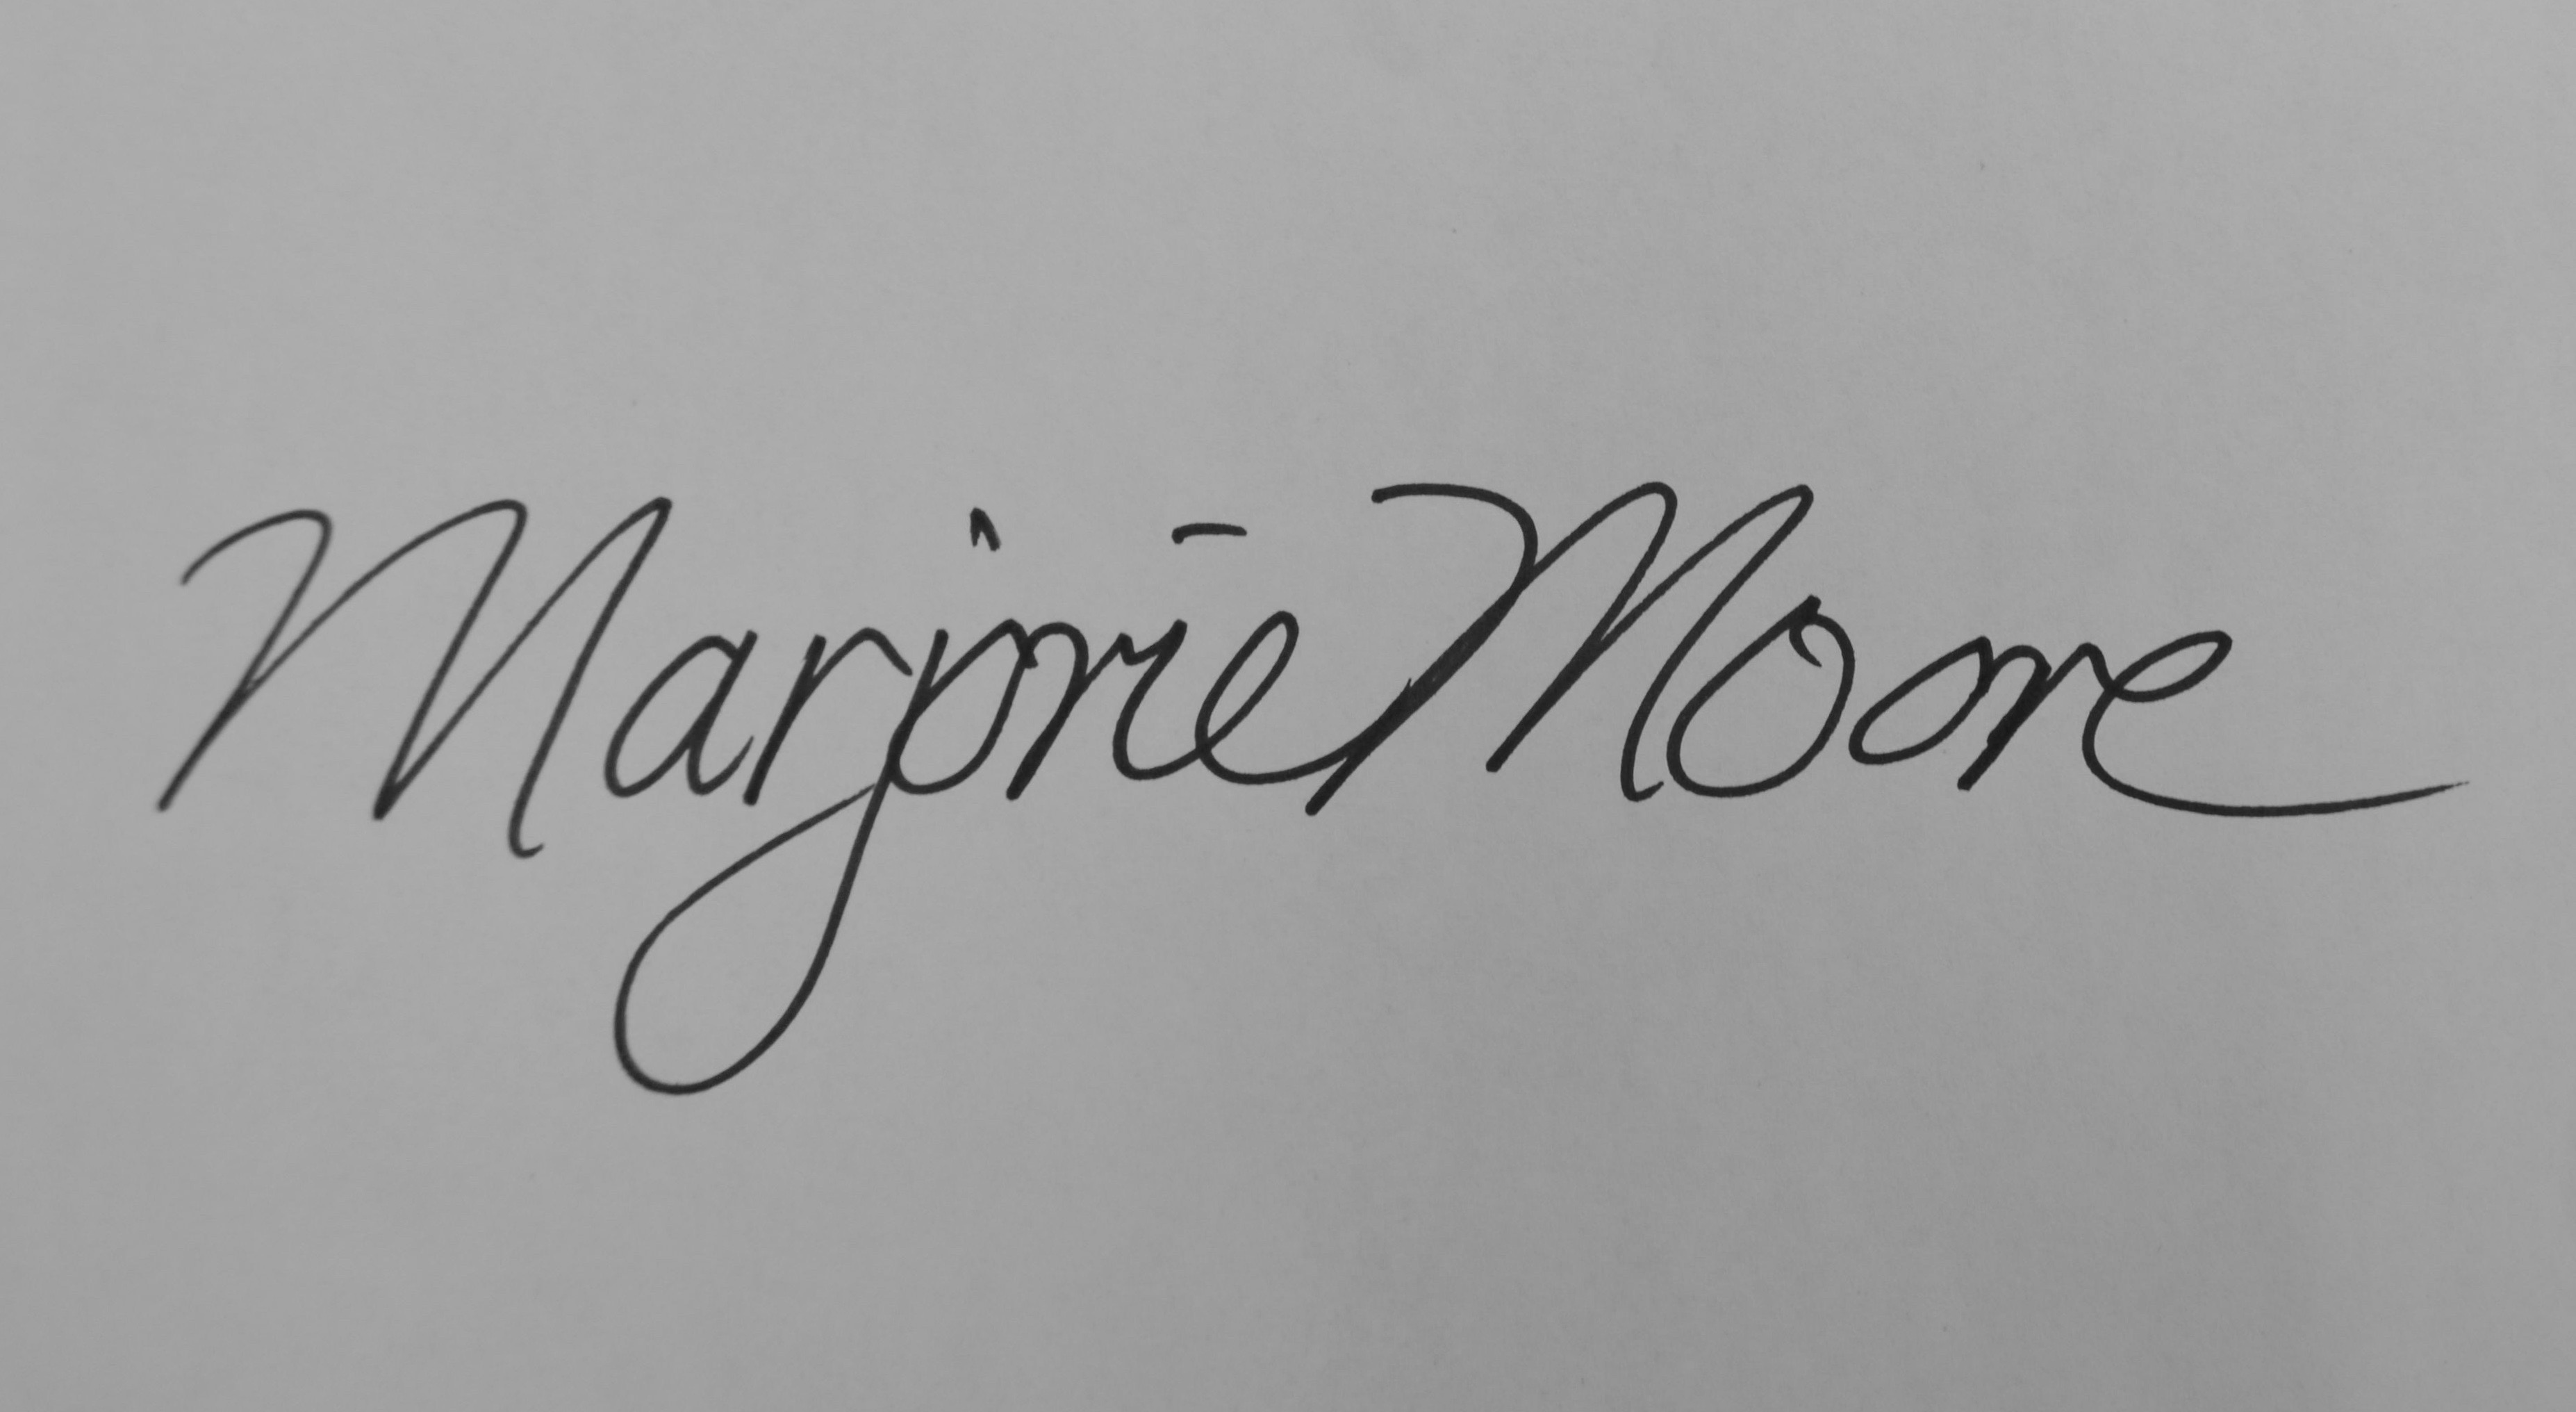 Marjorie Moore Signature